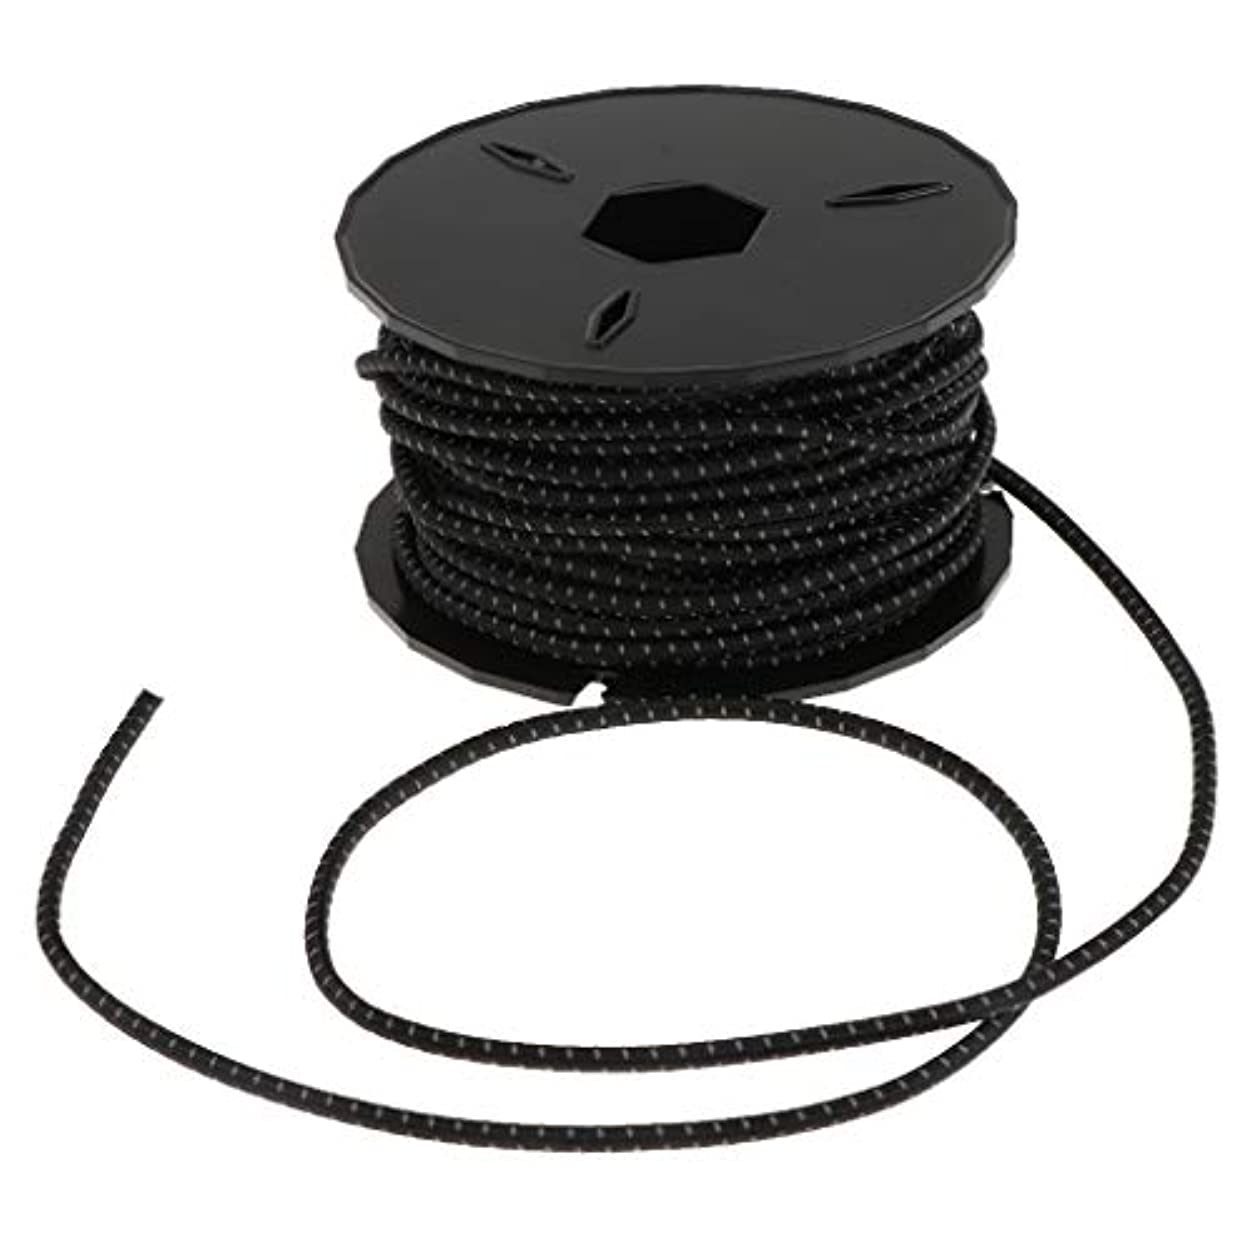 ディレイパスタ産地FLAMEER 3mm ヘビーデューティー ゴムコア ポリエステル 弾性ロープ バンジーロープ ショックコード 全4色